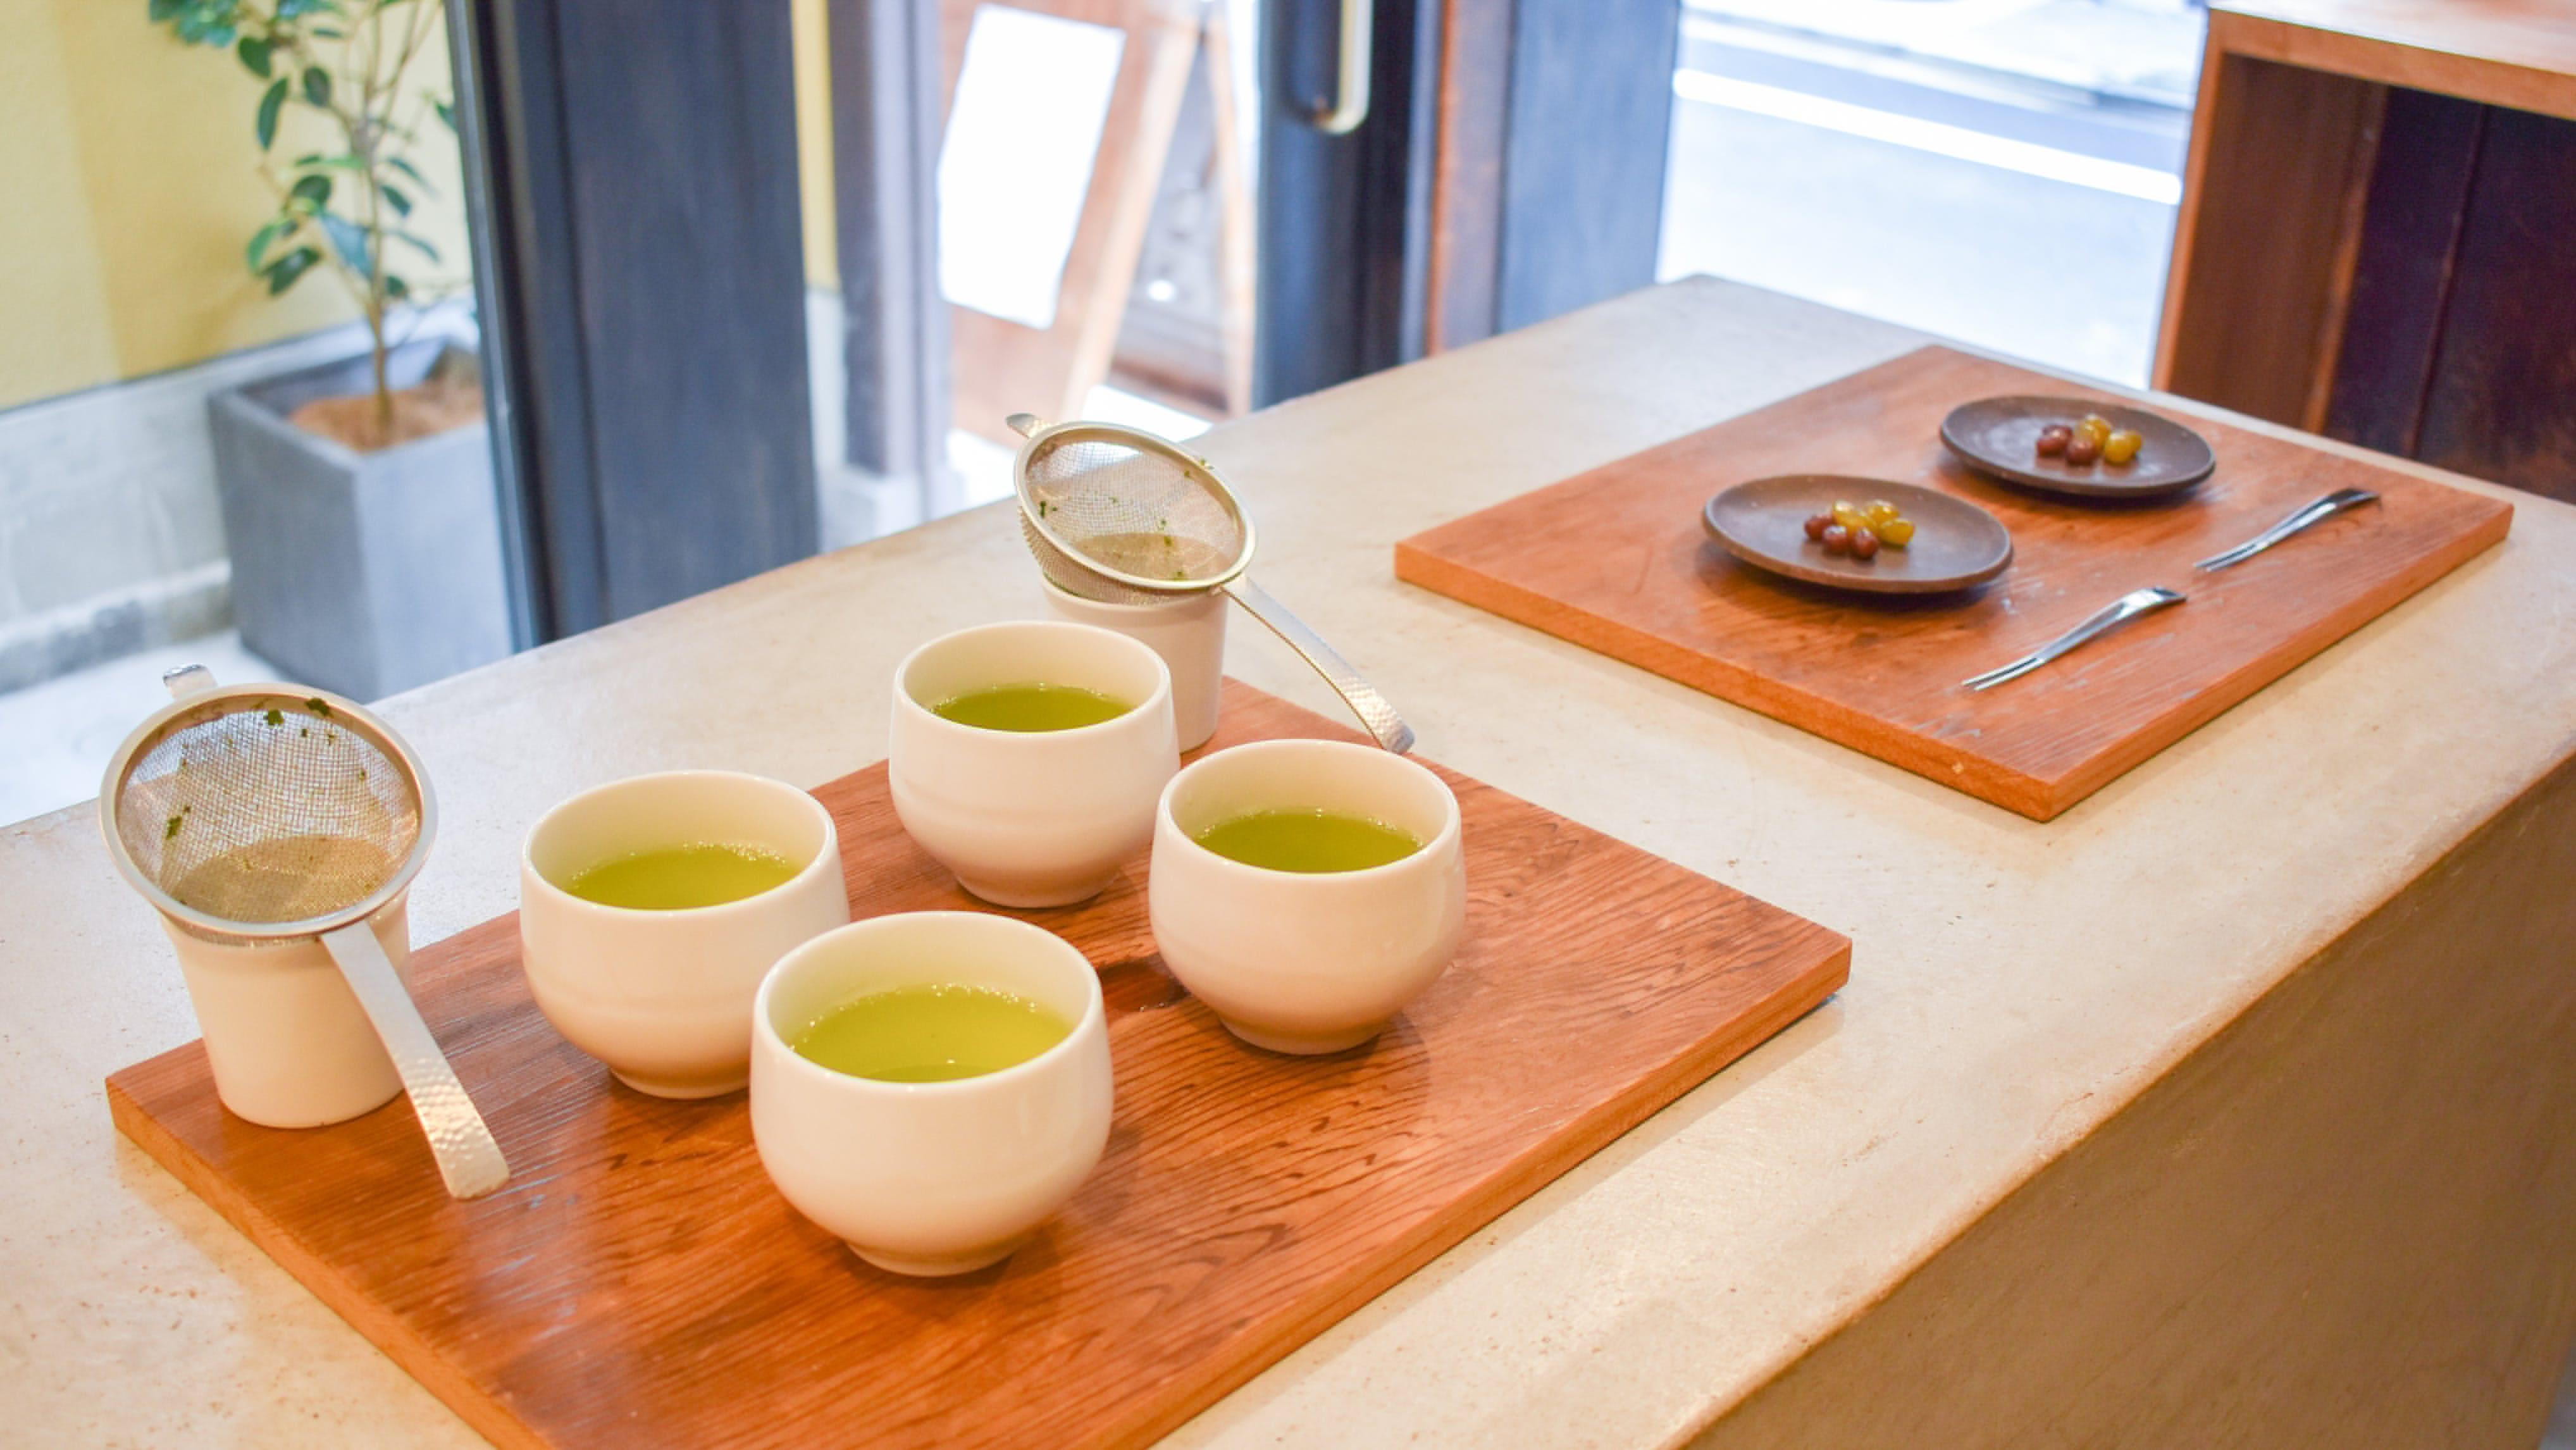 新しい京都に触れるENSO ANGO流の朝食とアクティビティ